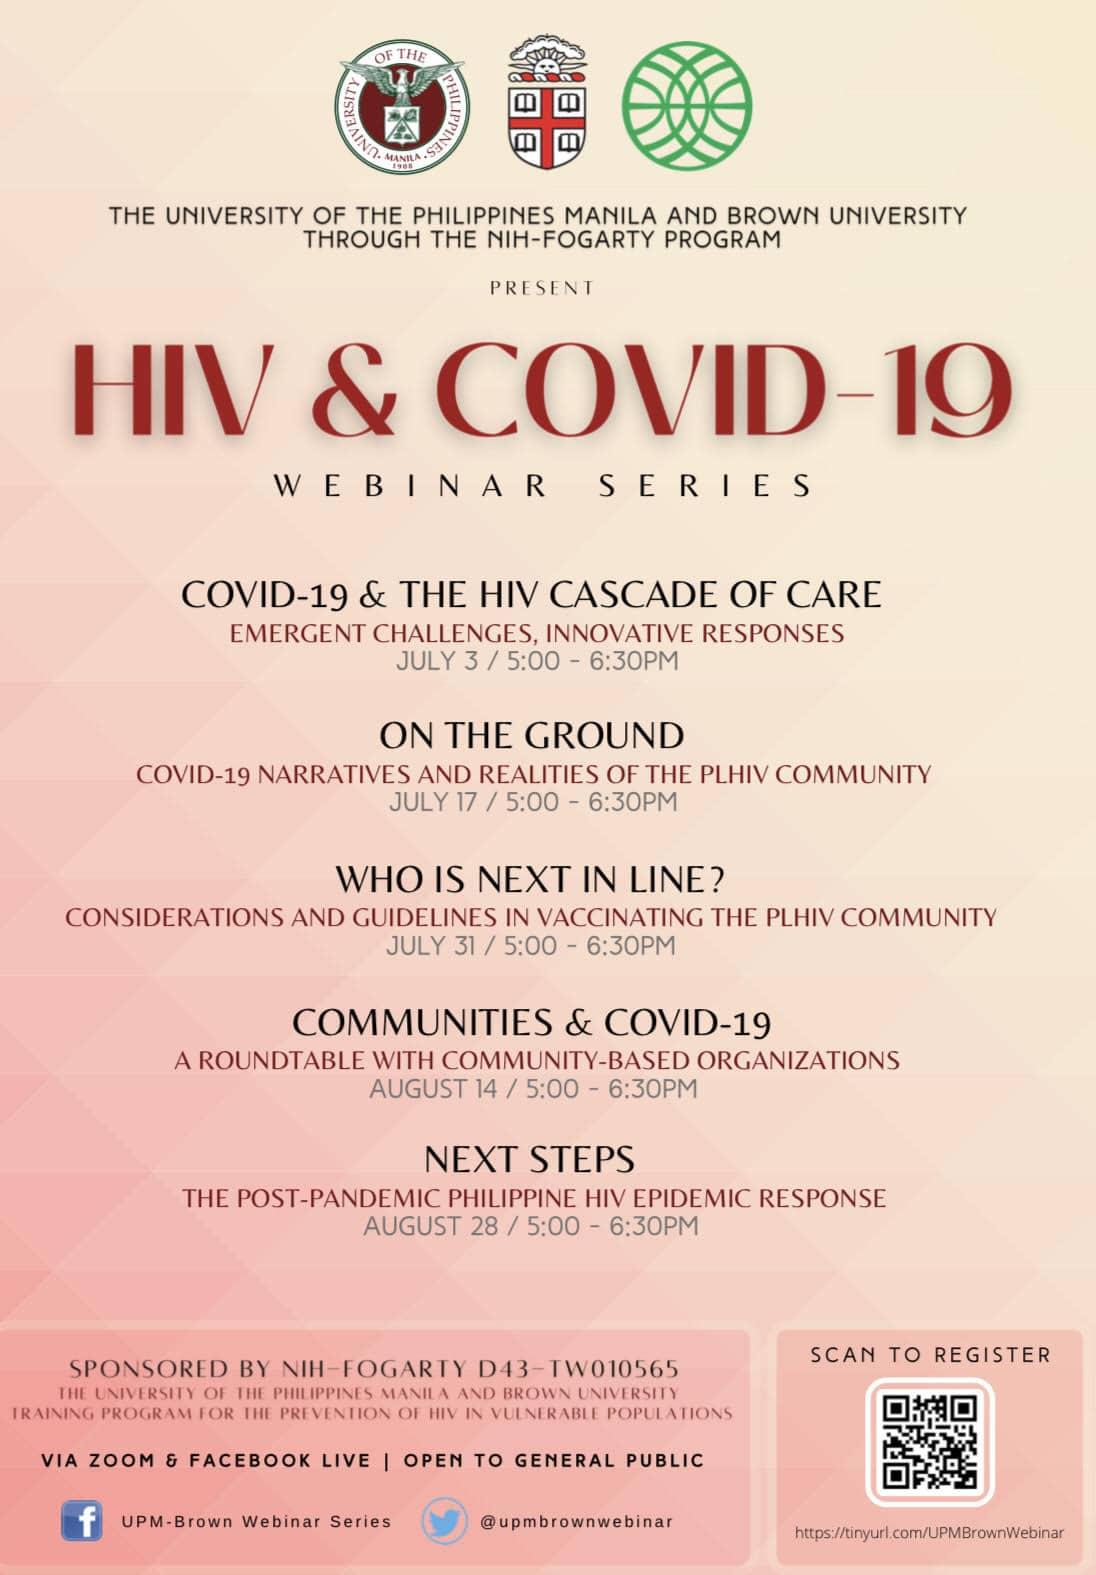 hiv & covid19